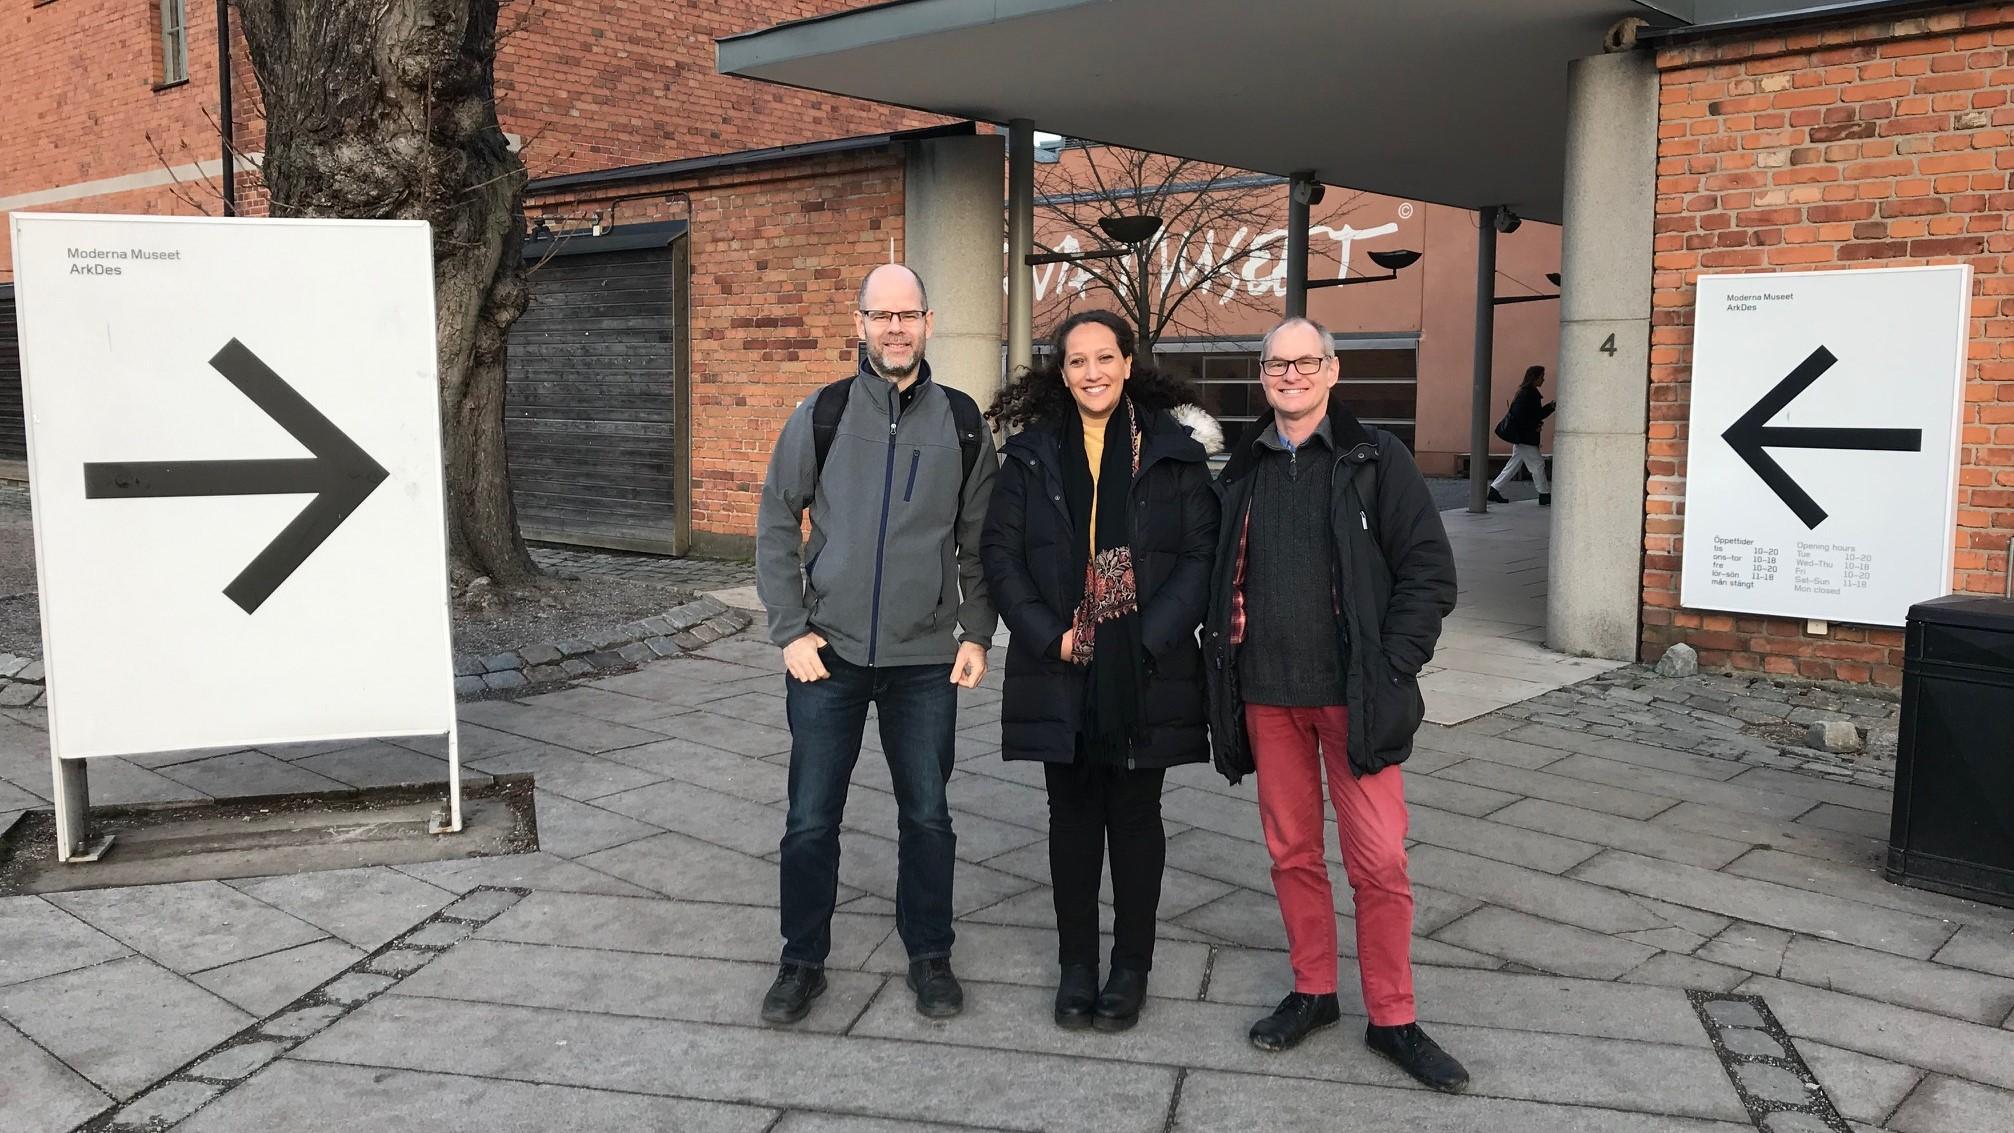 Projektets tre deltagare står framför en tegelbyggnad och ler mot kameran. Från vänster: Tor Gustafsson, kommunikatör, Diana Chafik, projektledare, och Emil Erdtman, doktorand/processledare.